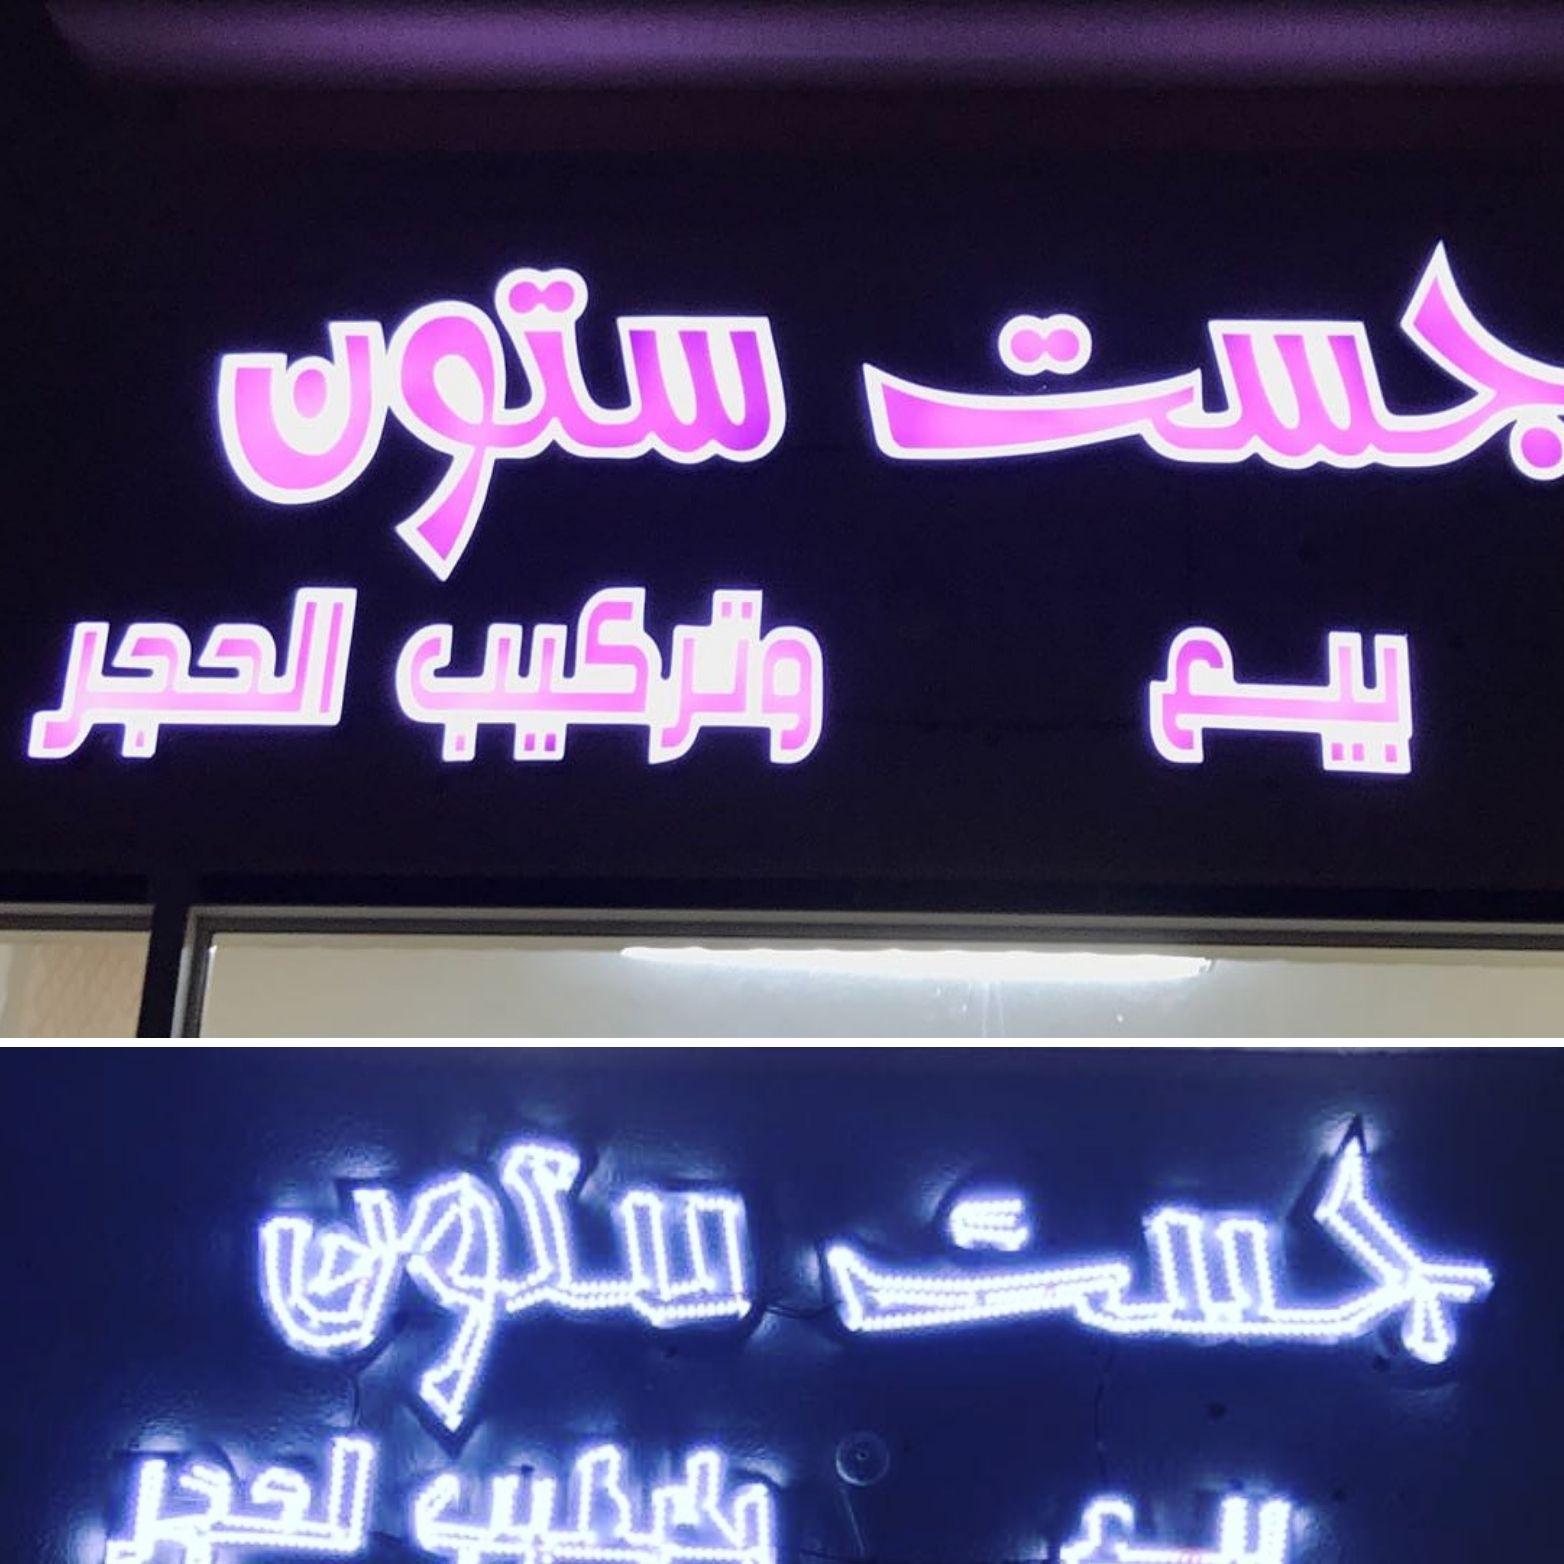 معلومات عن الاإعلان جست ستون لبيع وتوريد وتركيب الحجر الصناعي في العين للتواصل على الواتساب 0504494782 0501133368 Neon Signs Neon Signs